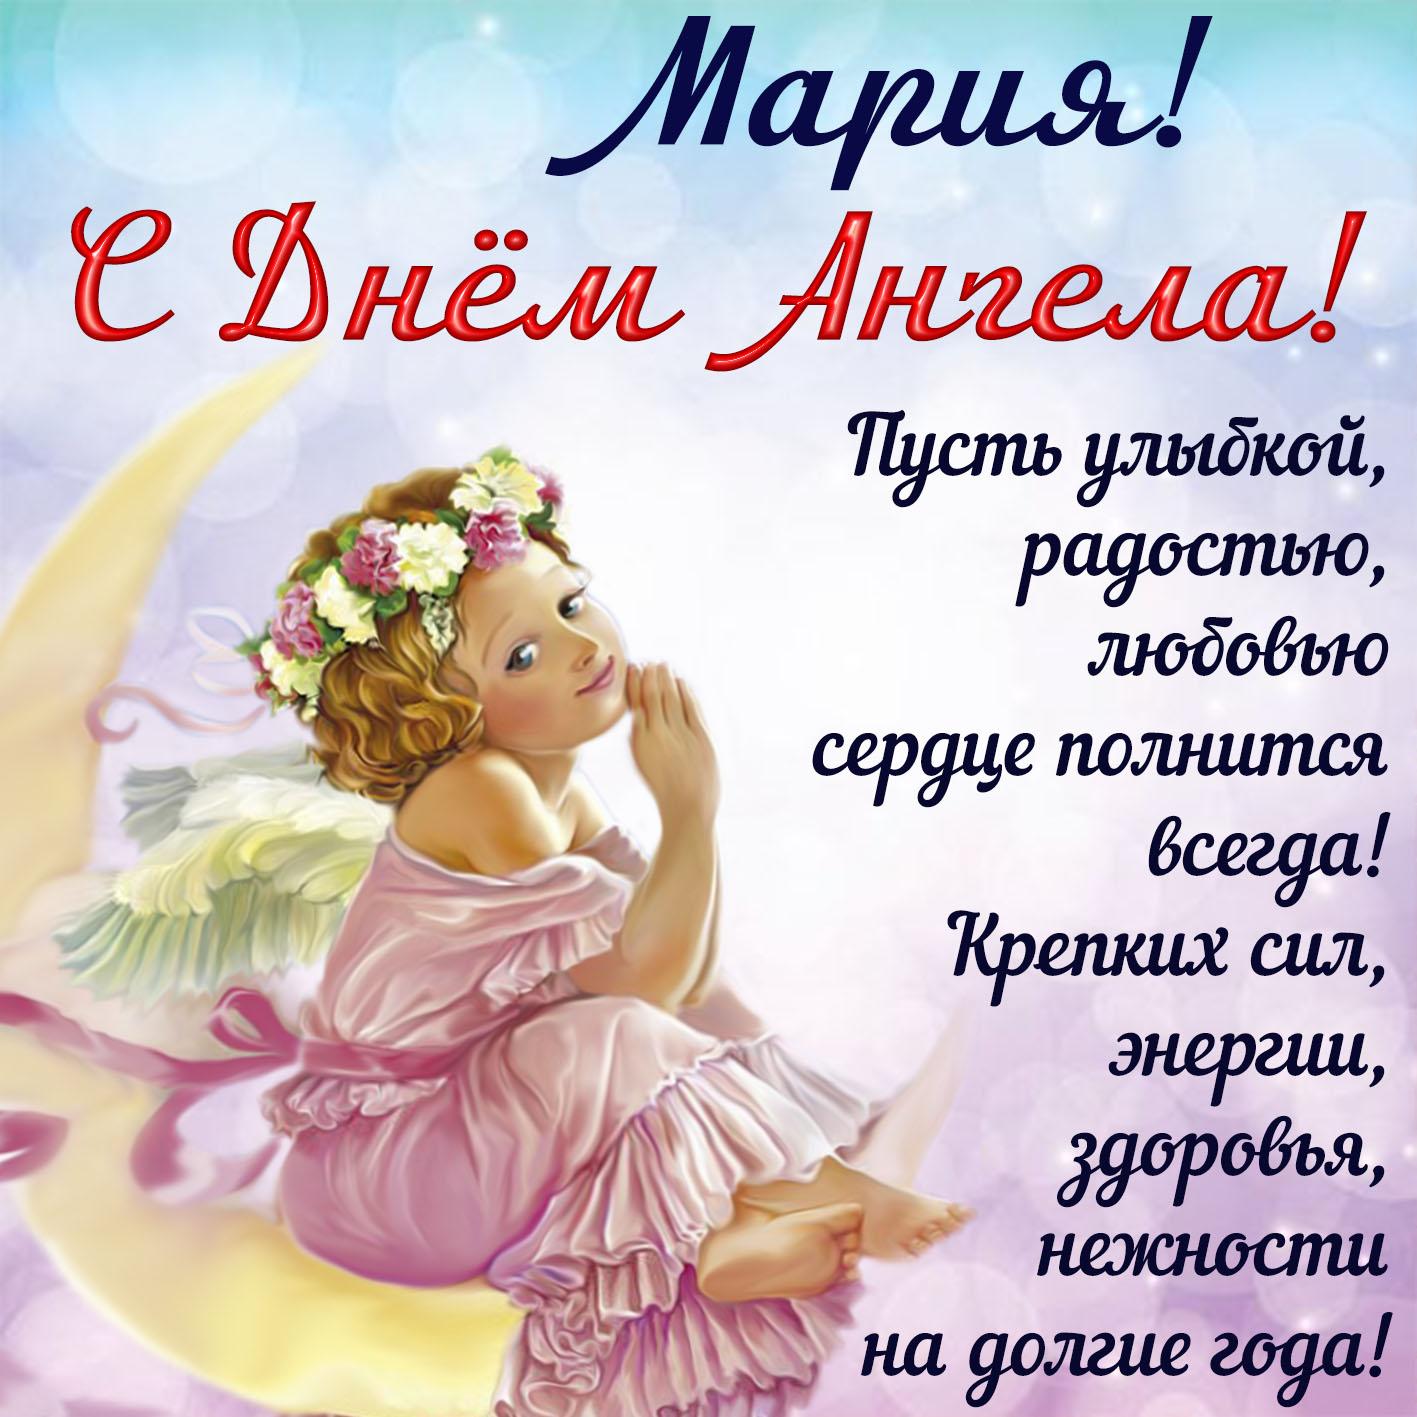 Марина день ангела картинки поздравления, открытке февраля